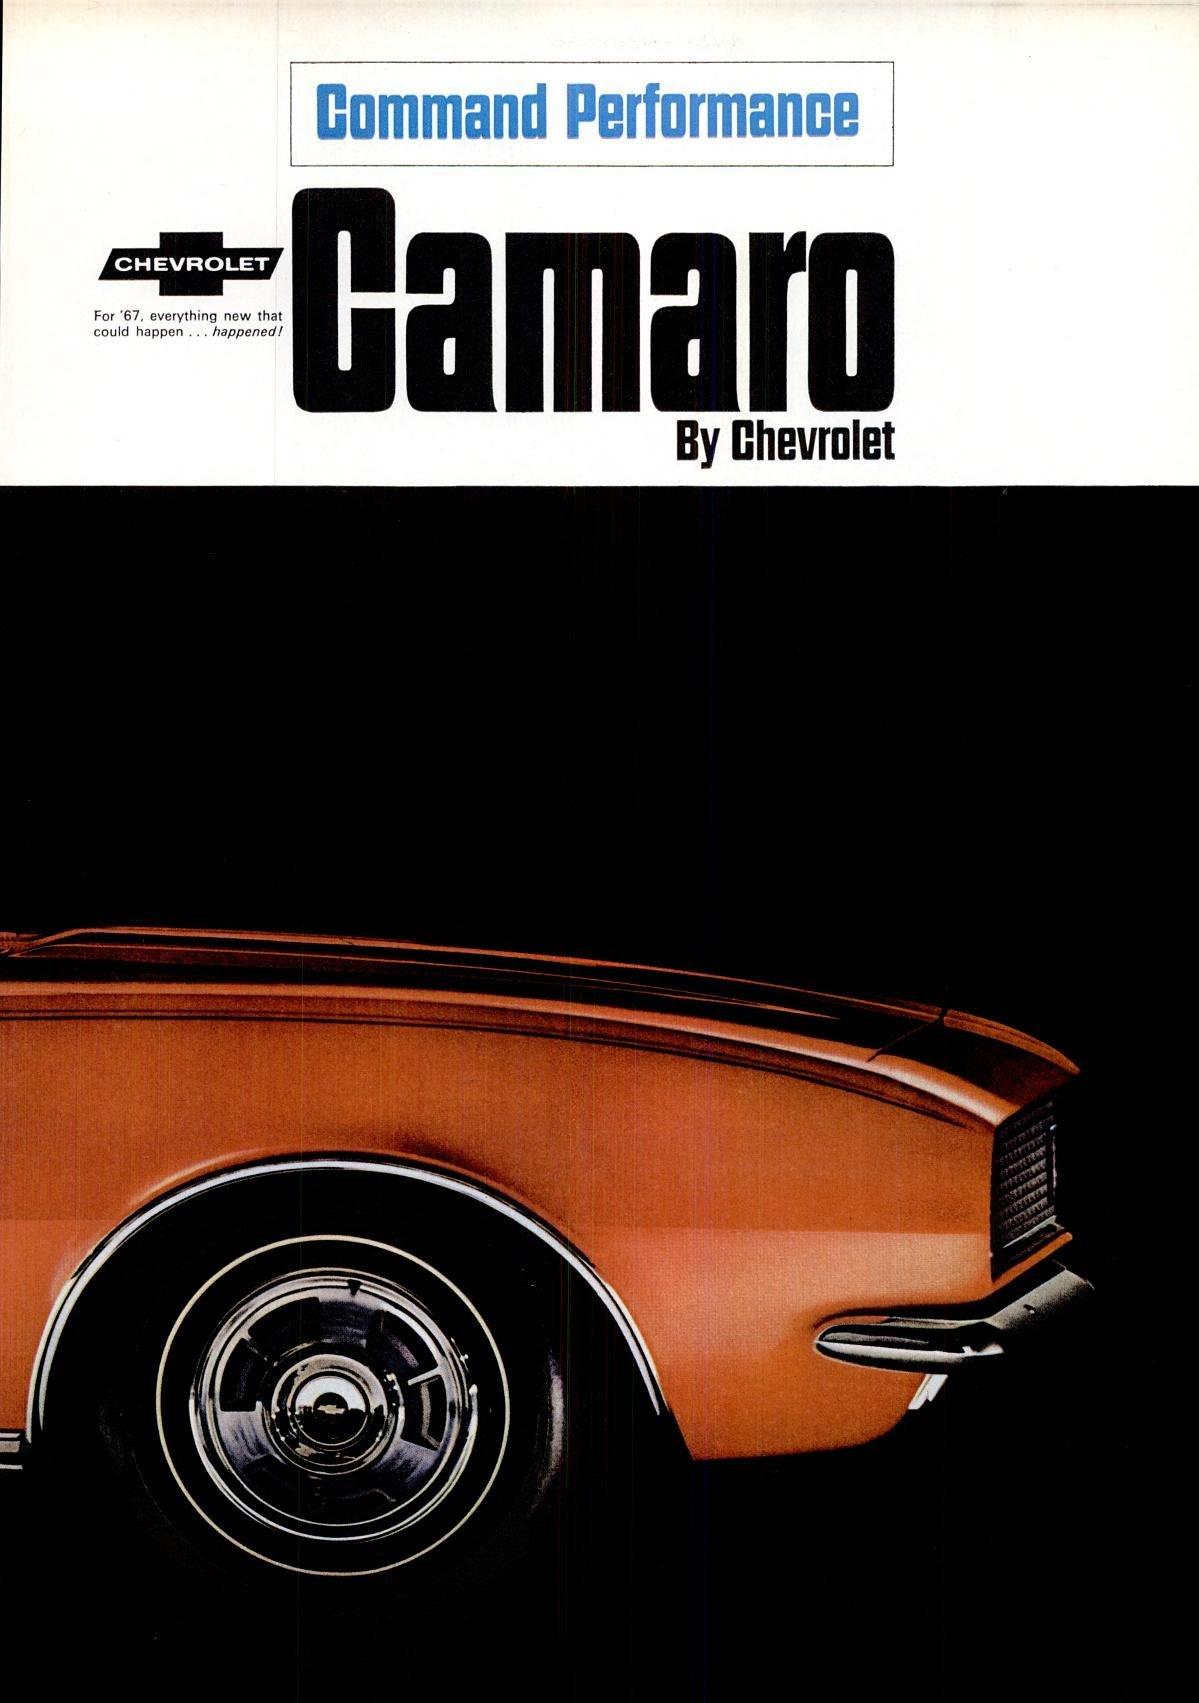 Oct 7, 1966 - Classic 1967 Camaro cars (1)